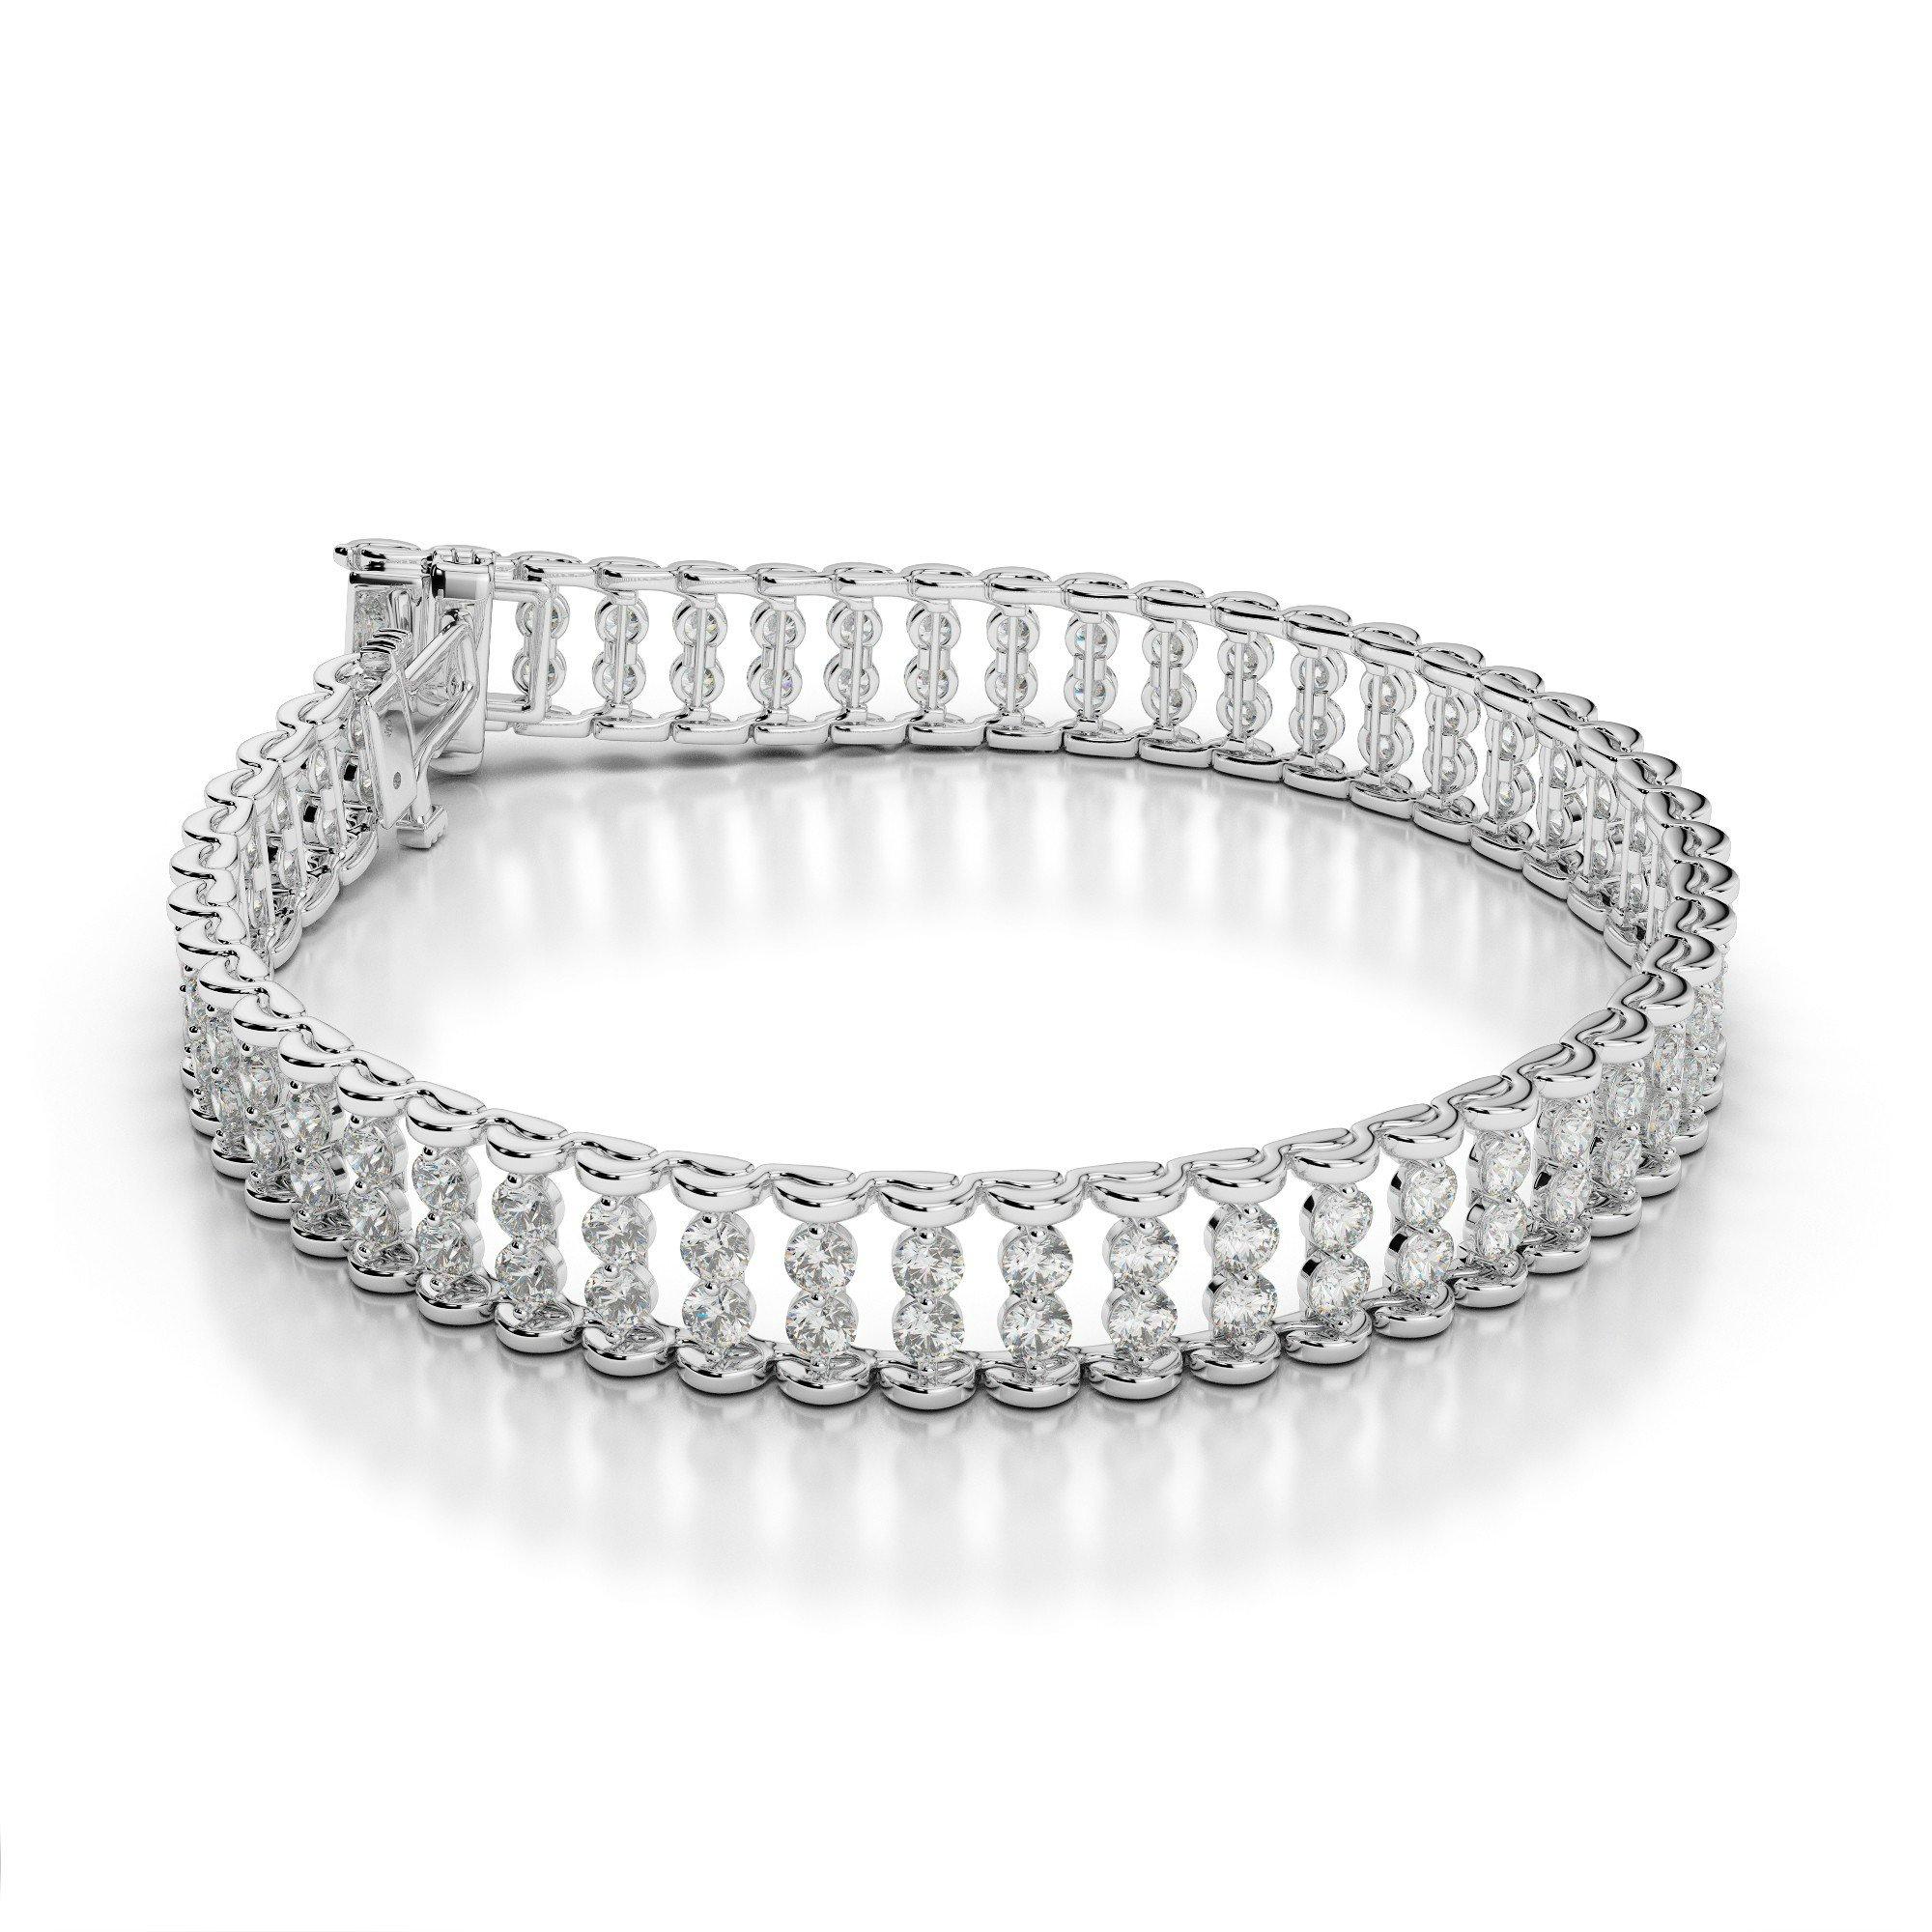 10 Carat Diamond Two Row Bracelet 18k White Gold